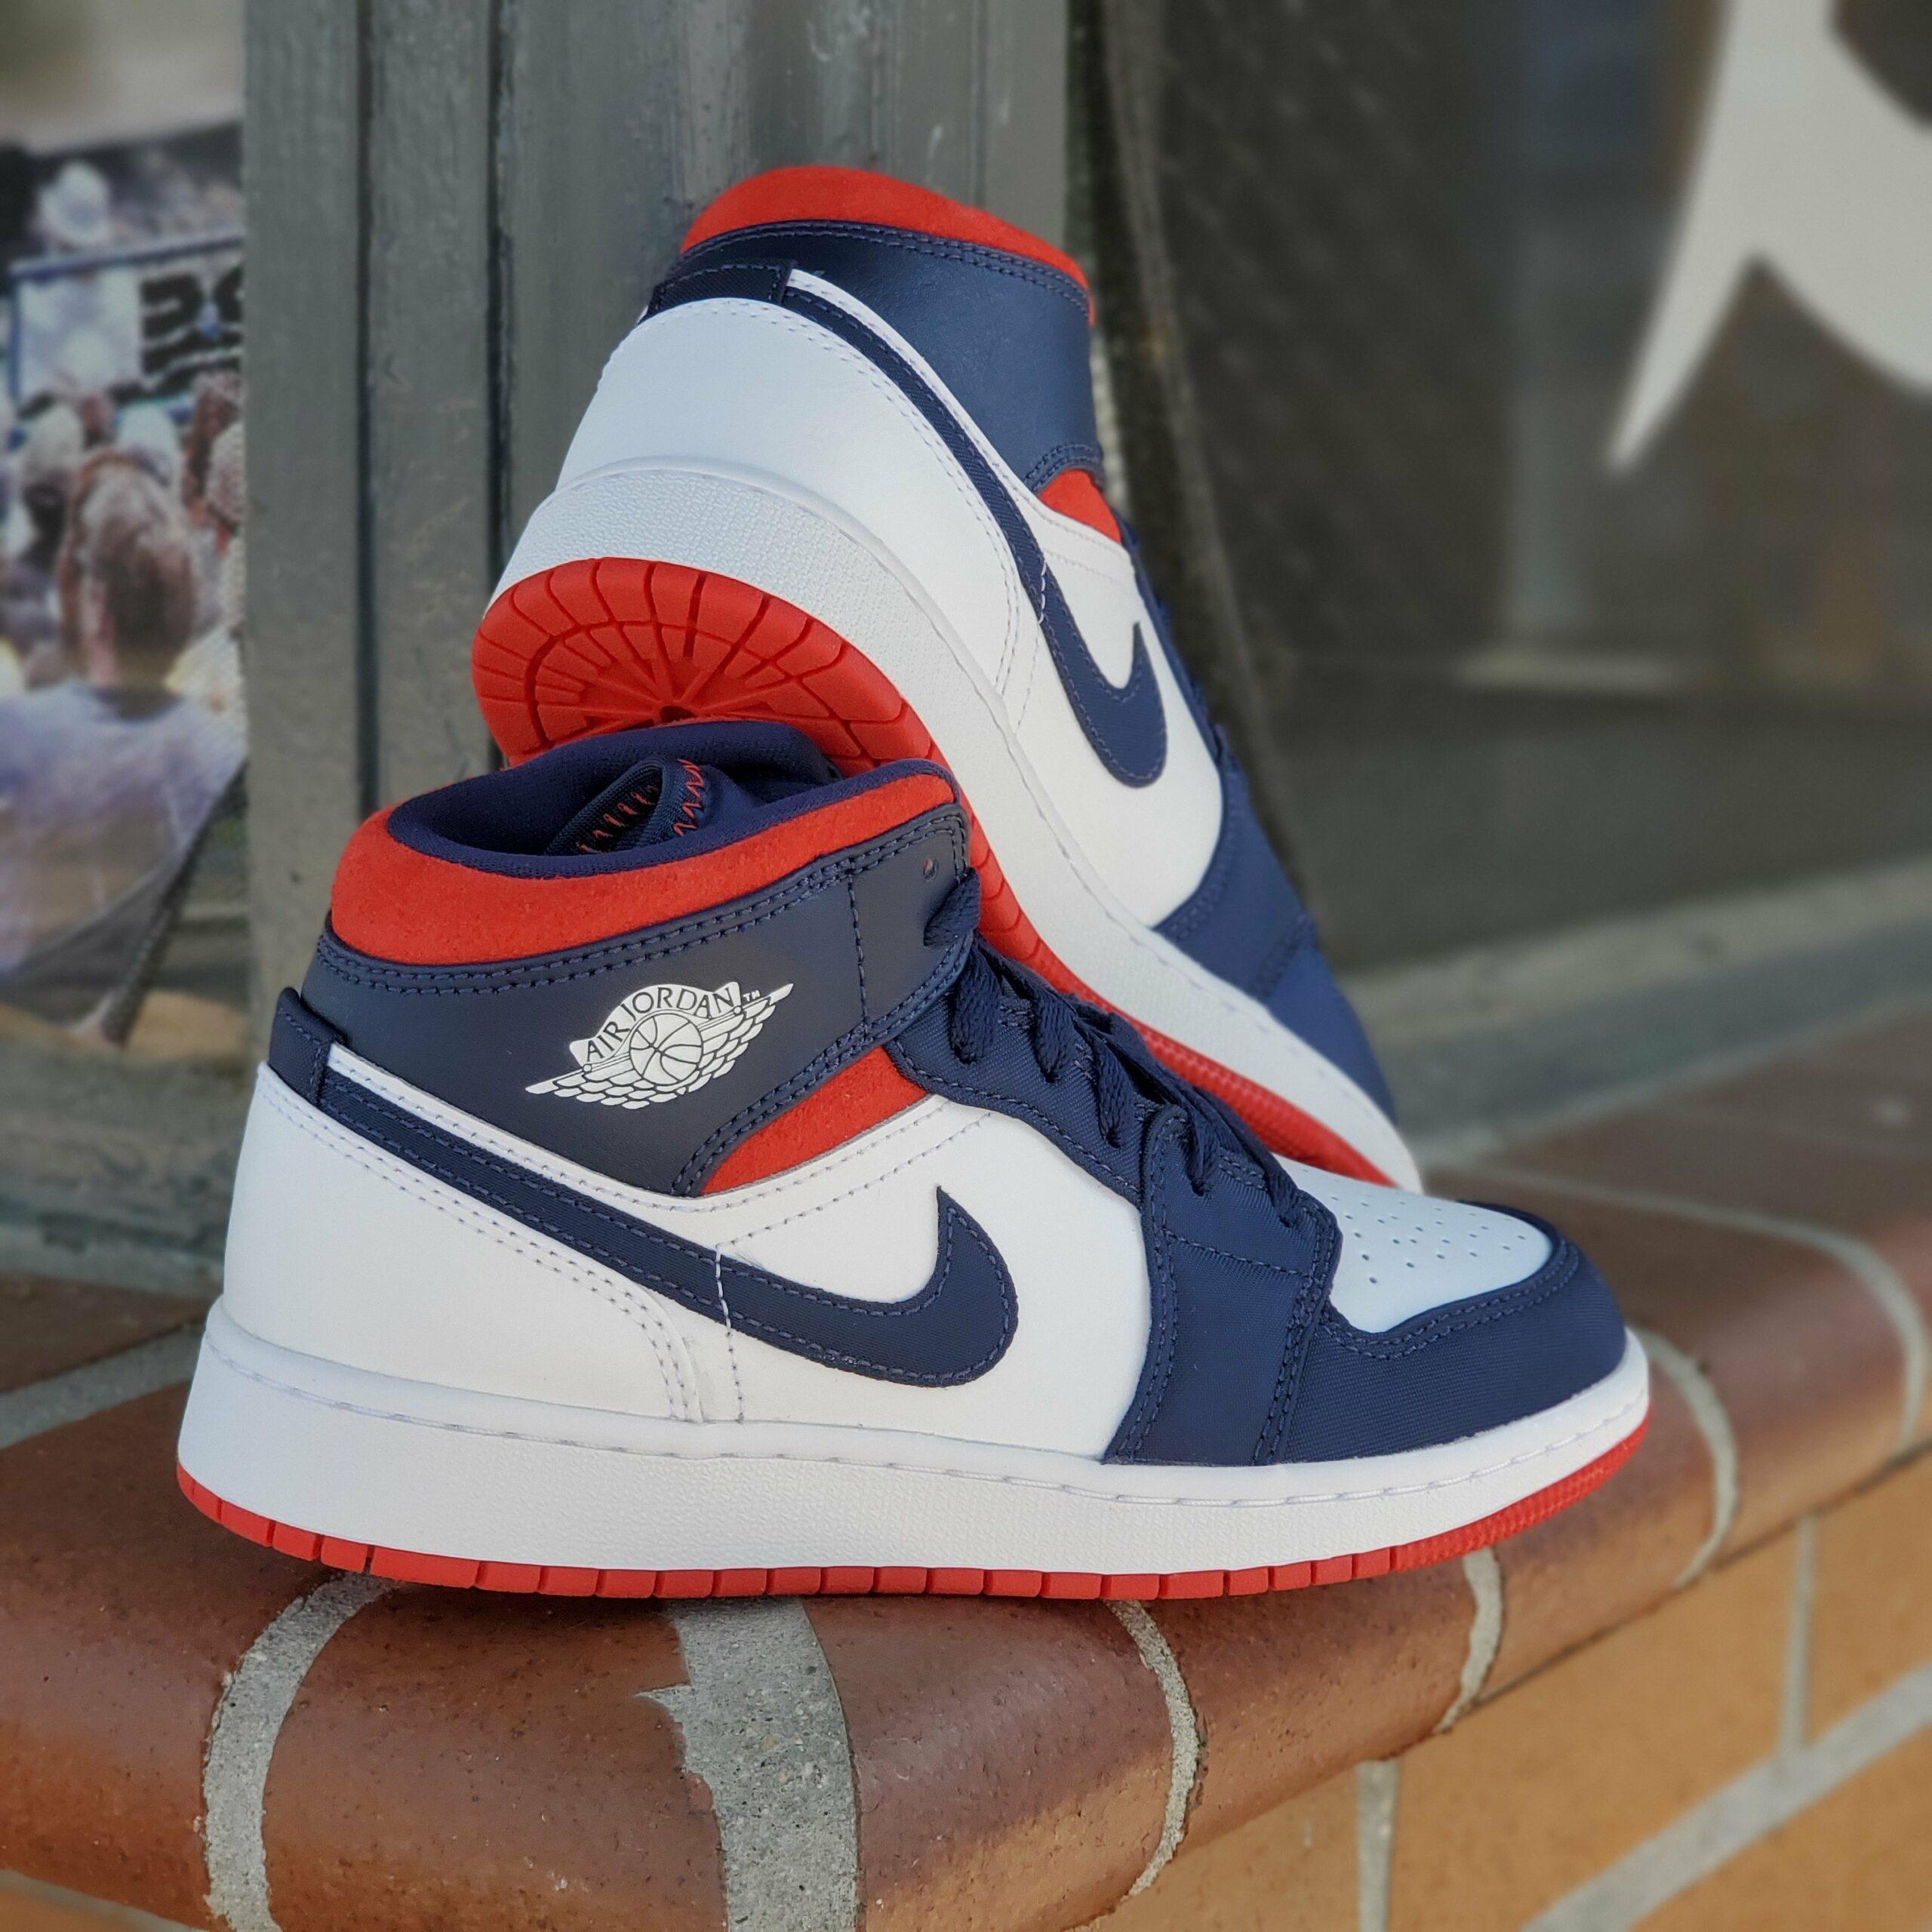 Nike Air Jordan được hàng triệu tín đồ lựa chọn